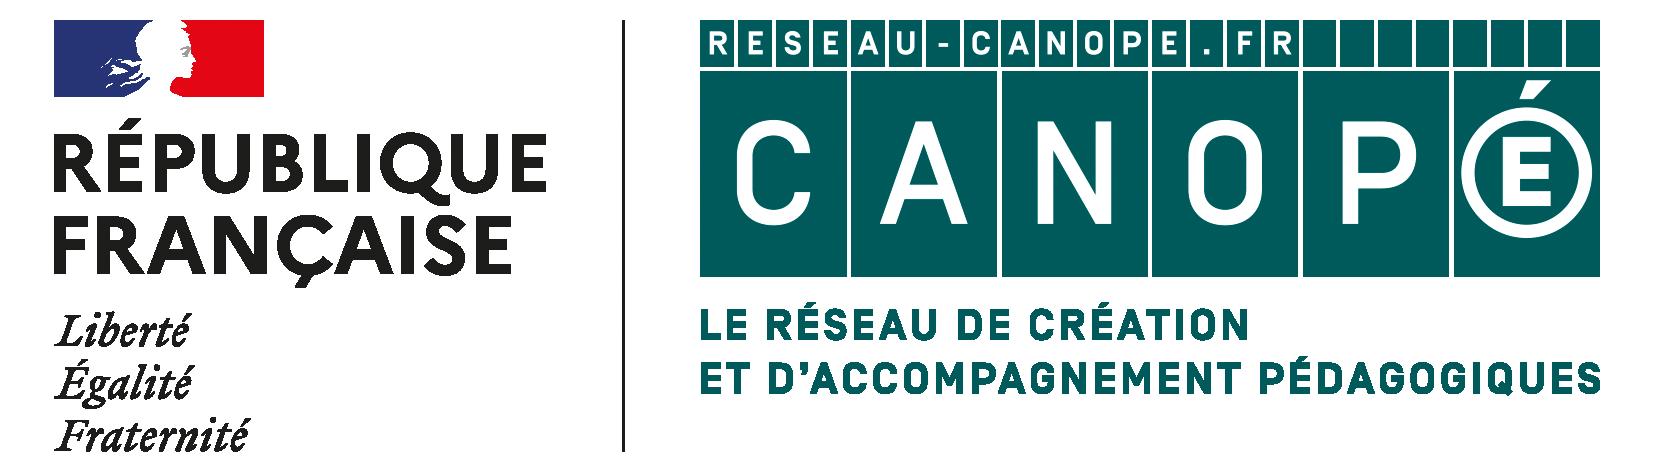 Etat-Réseau-Canopé